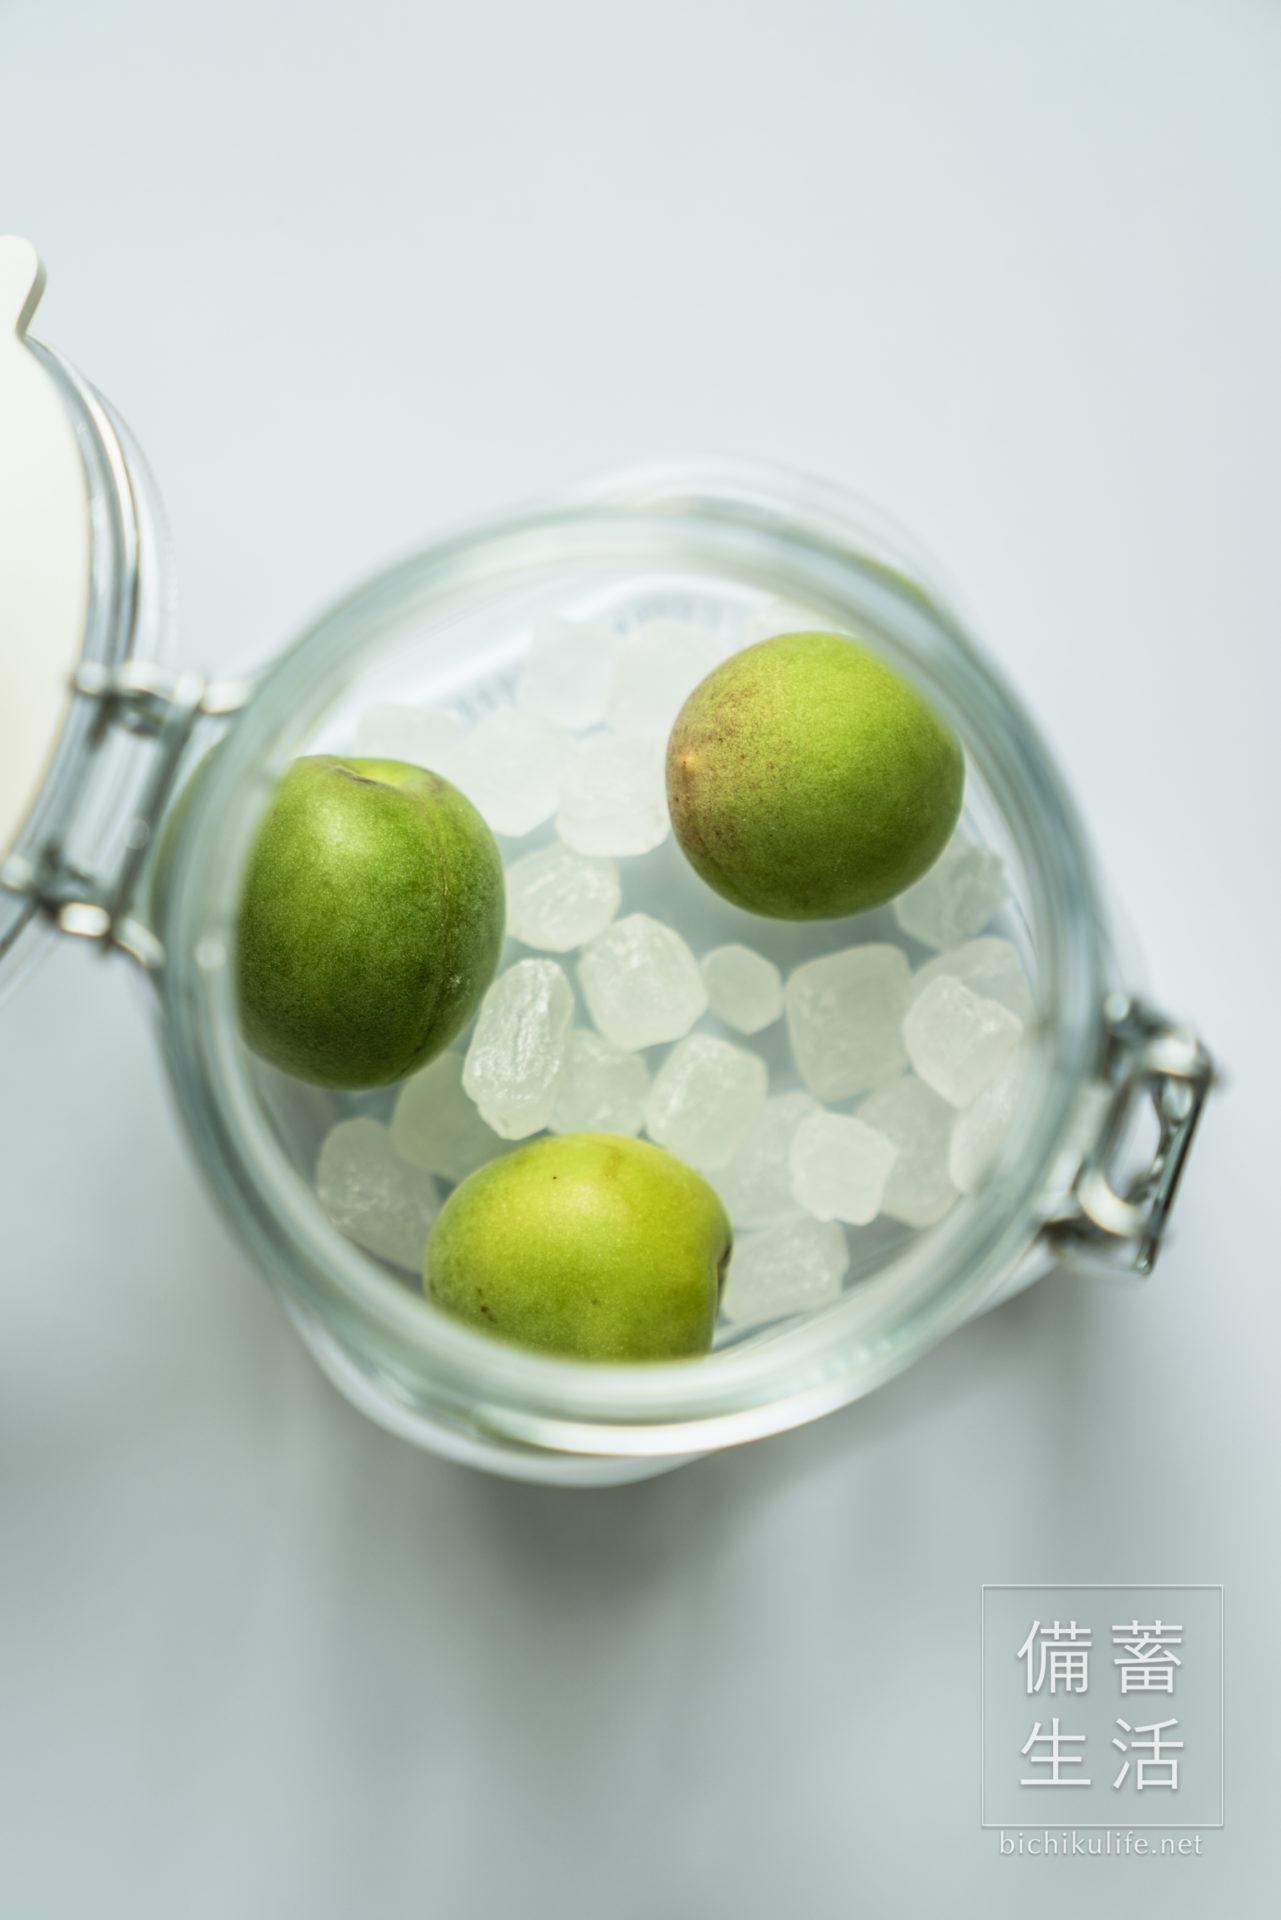 梅シロップづくり 青梅と氷砂糖を保存容器に詰める